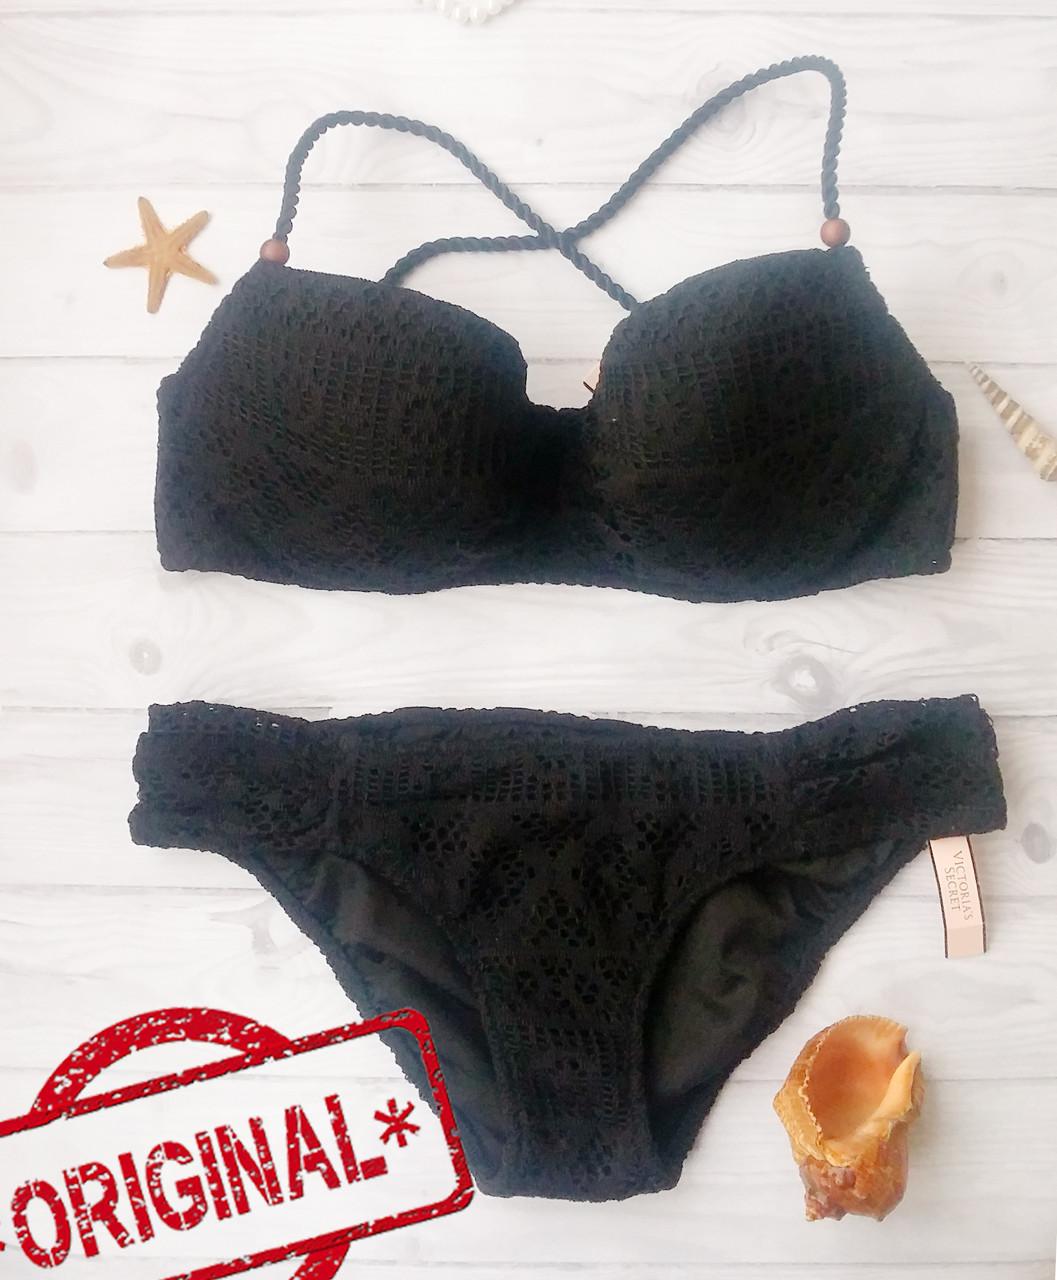 Купальник Раздельный Victoria's Secret плавки Small, топ - 32DD 70DD, Оригинал,  Виктория Сикрет